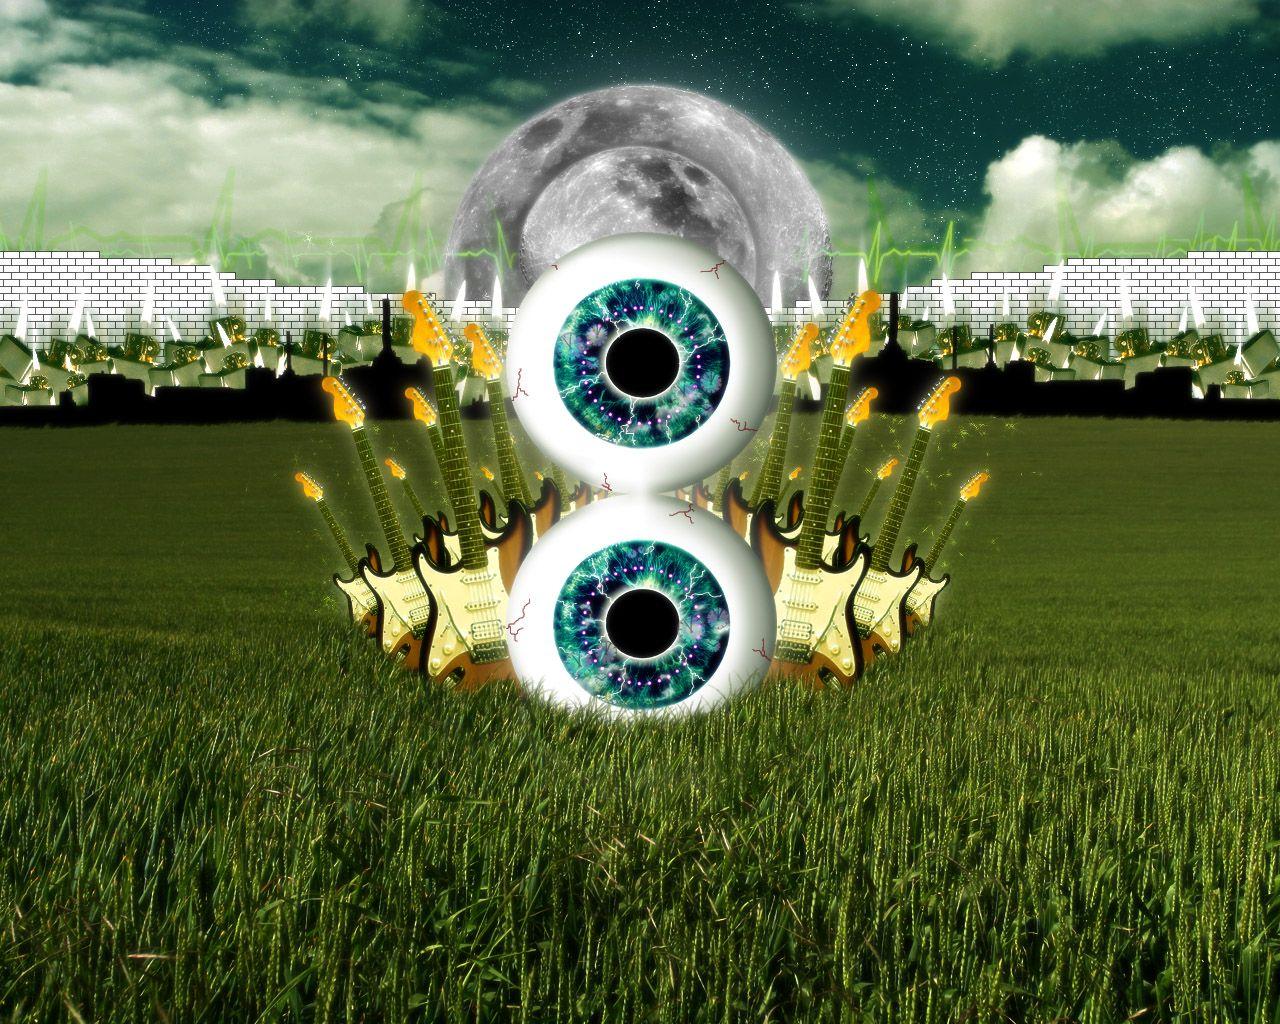 Pink Floyd Animals Socialphy 567467 Wallpaper wallpaper 1280x1024